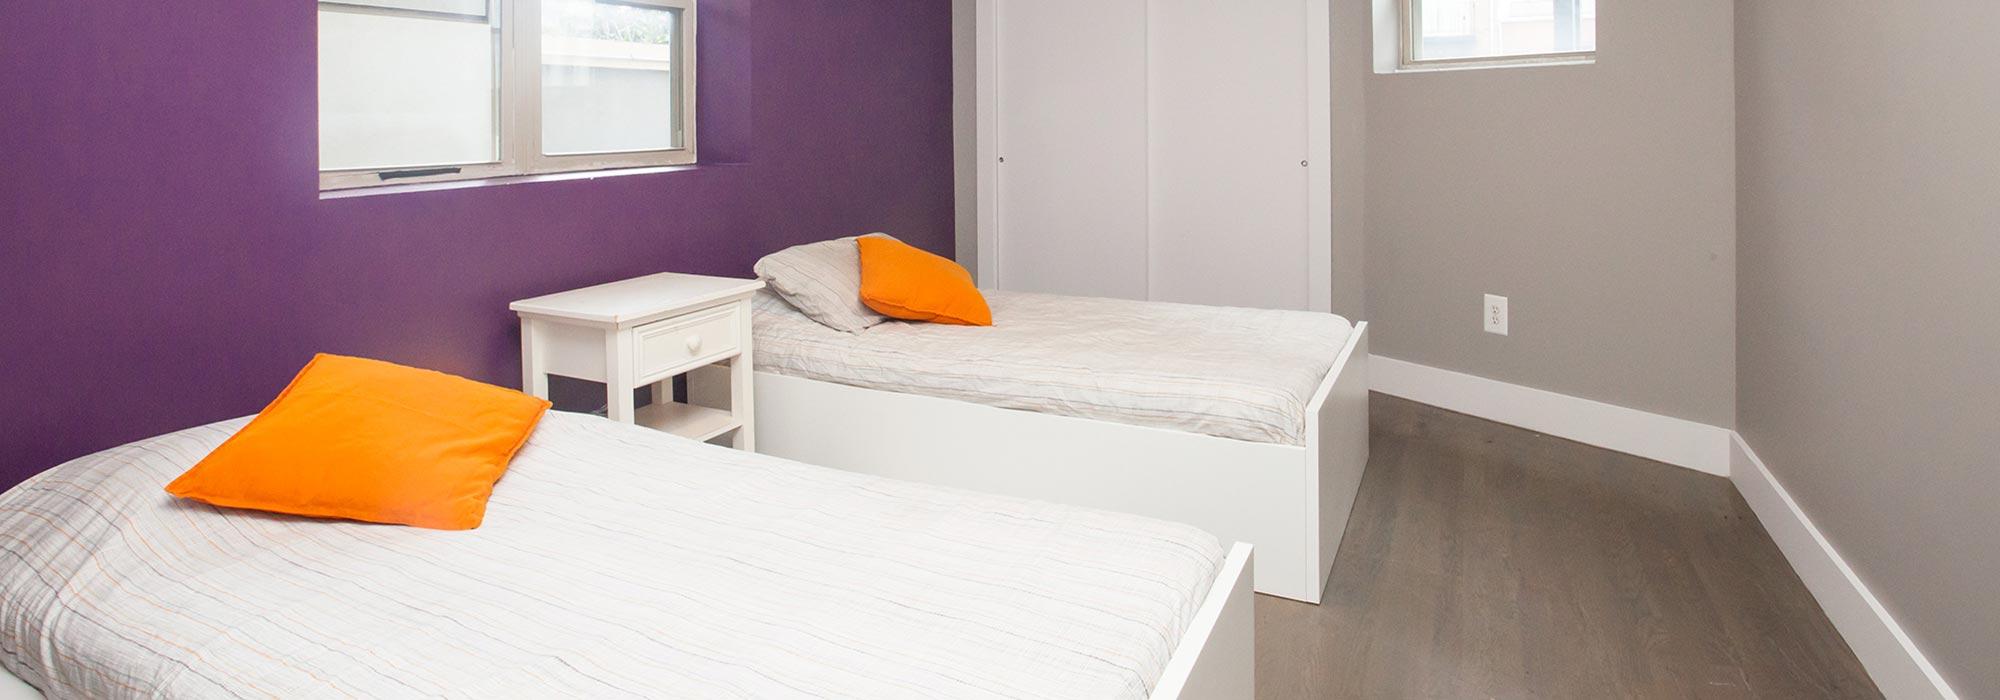 96 Suydam St., Bushwick – Twin Room 1